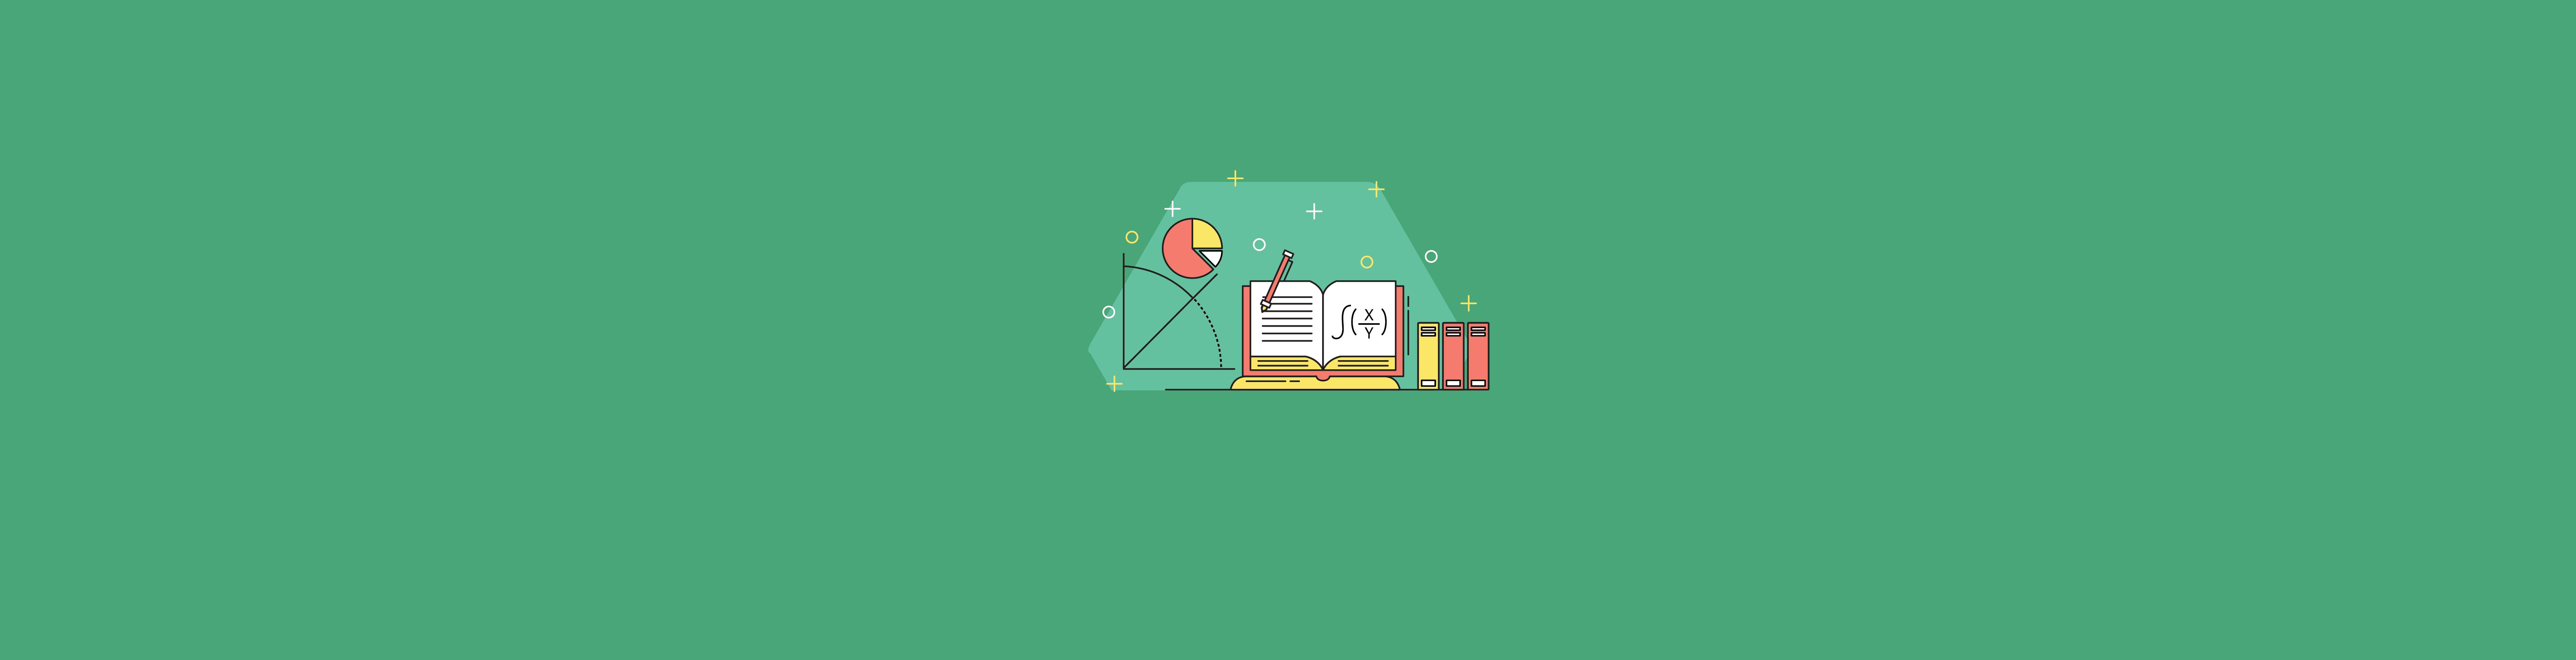 CBSE Class 10 Maths 2018 - Paper Analysis & Review